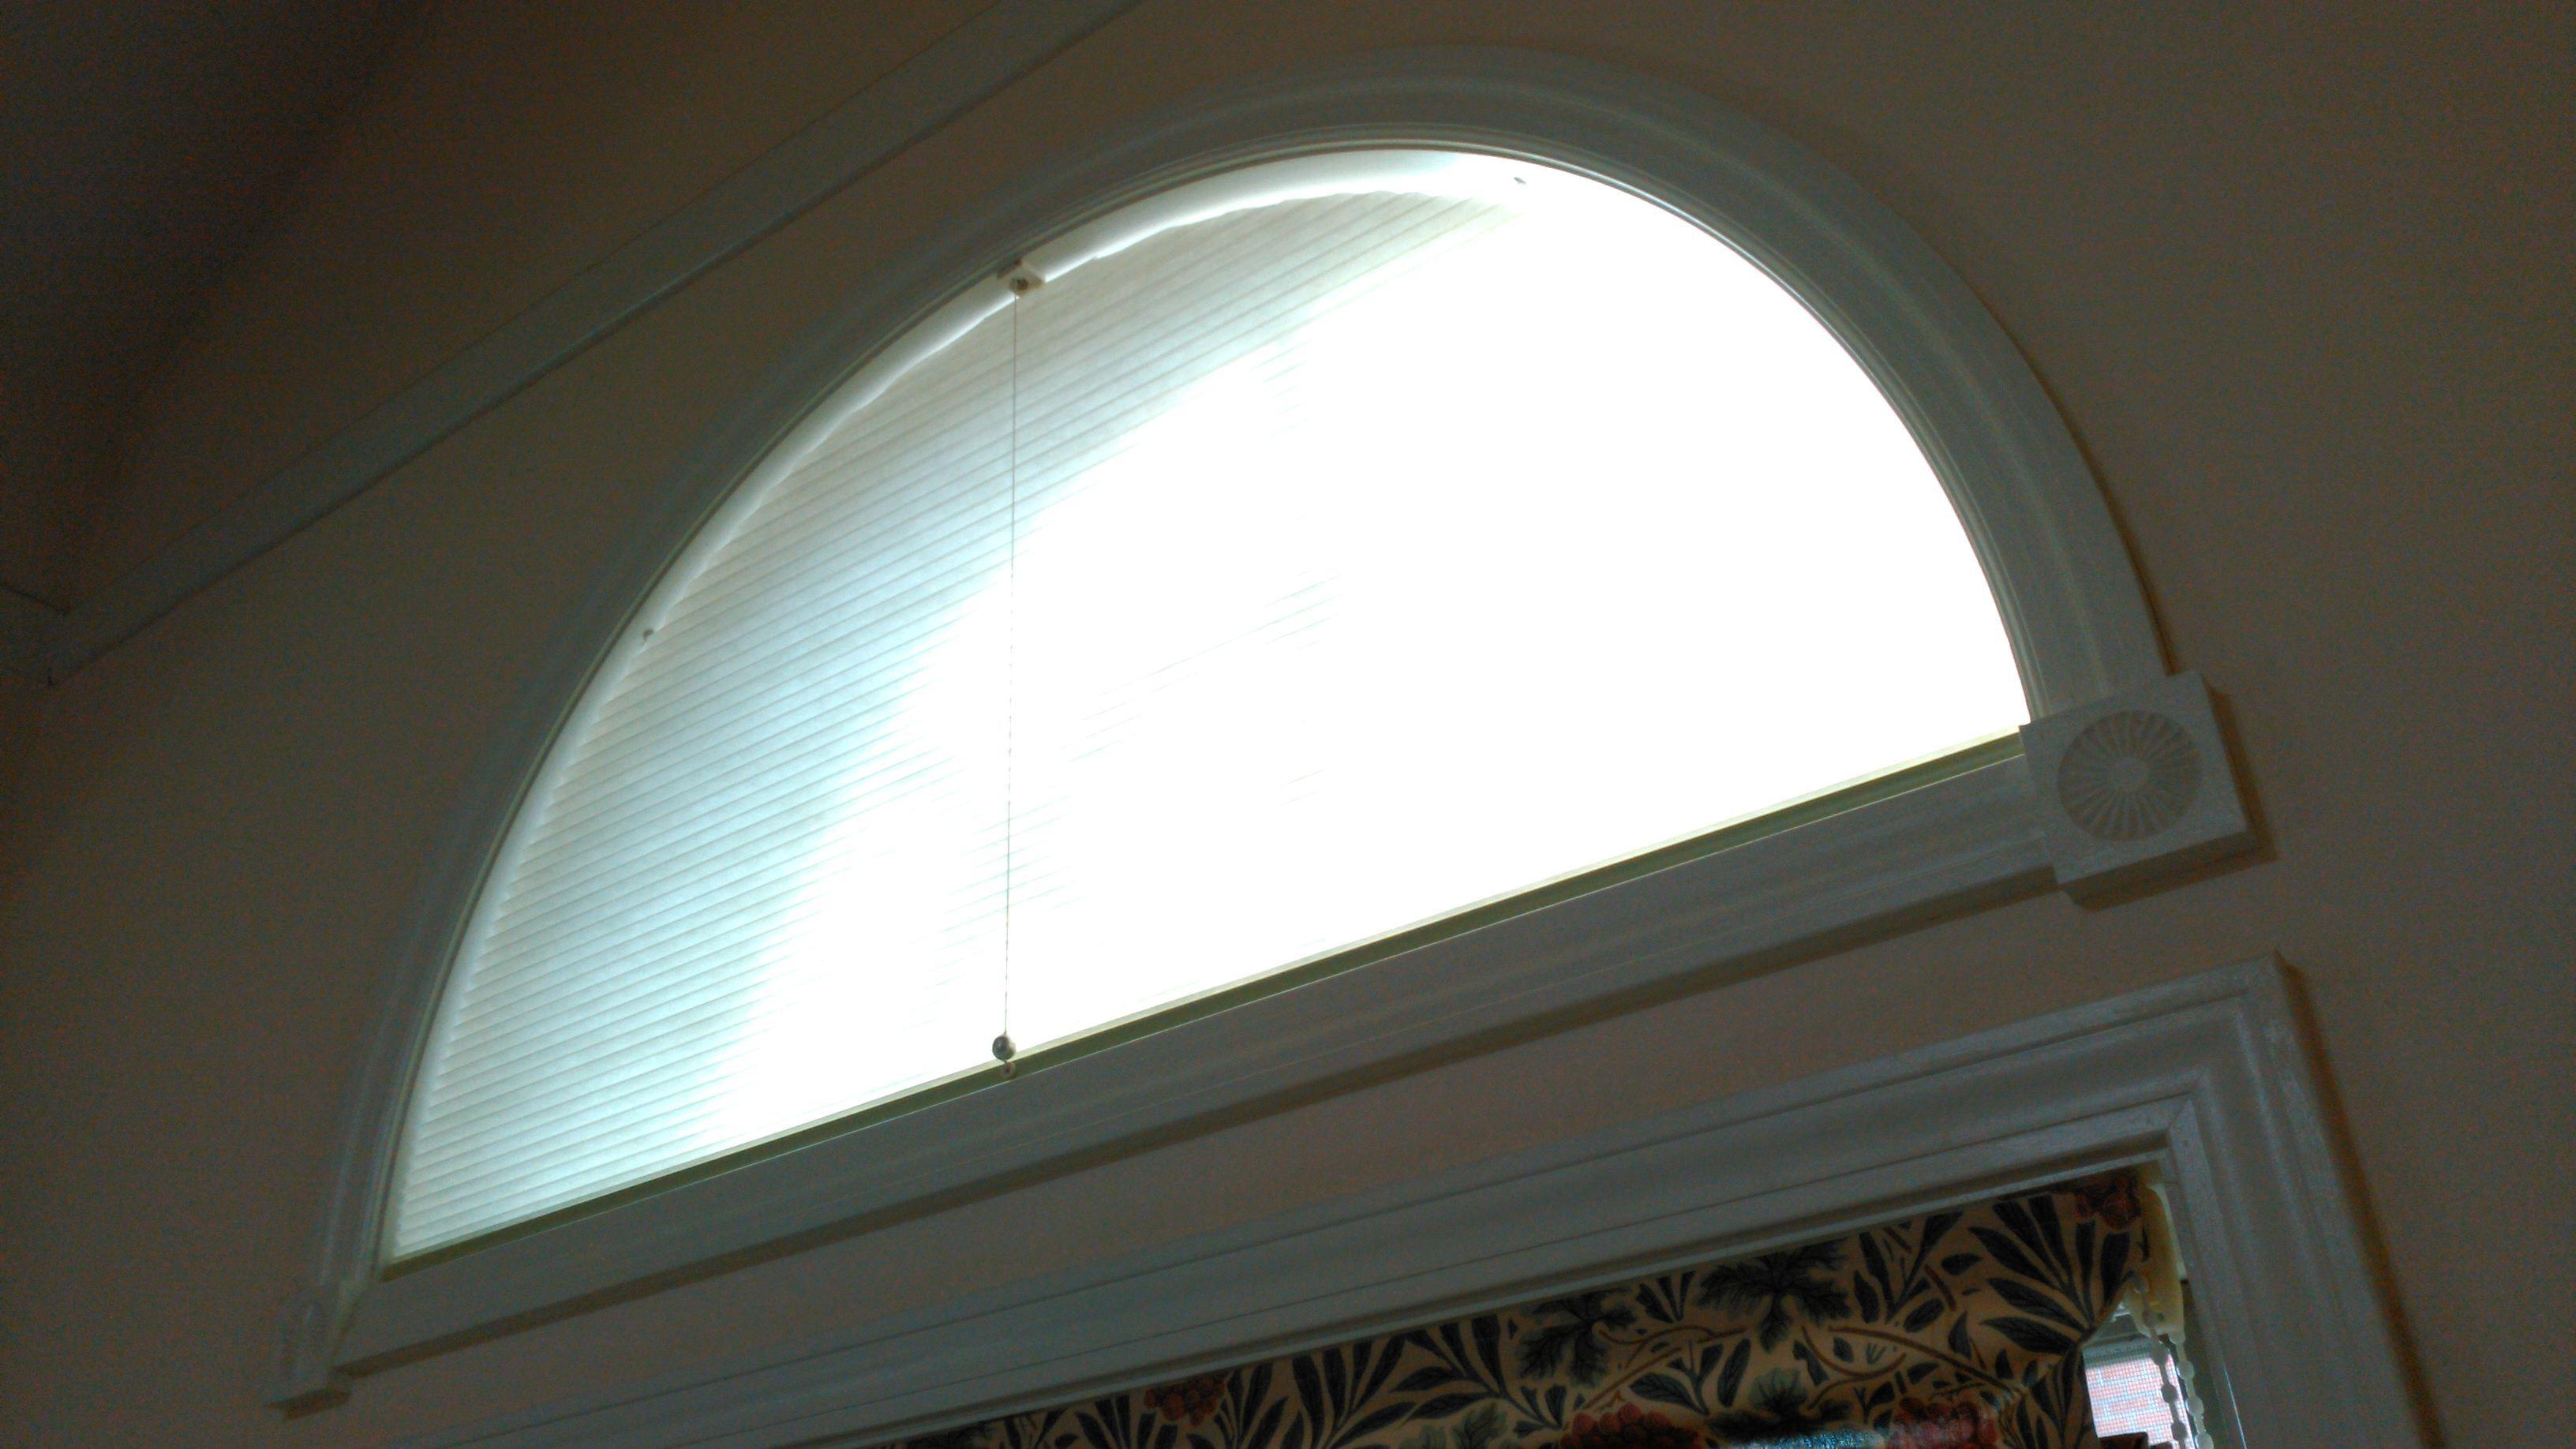 モリスの『カーテンとプレーンシェード』のクリーニングと半円窓の断熱工事 モリス正規販売店のブライト_c0157866_19242753.jpg